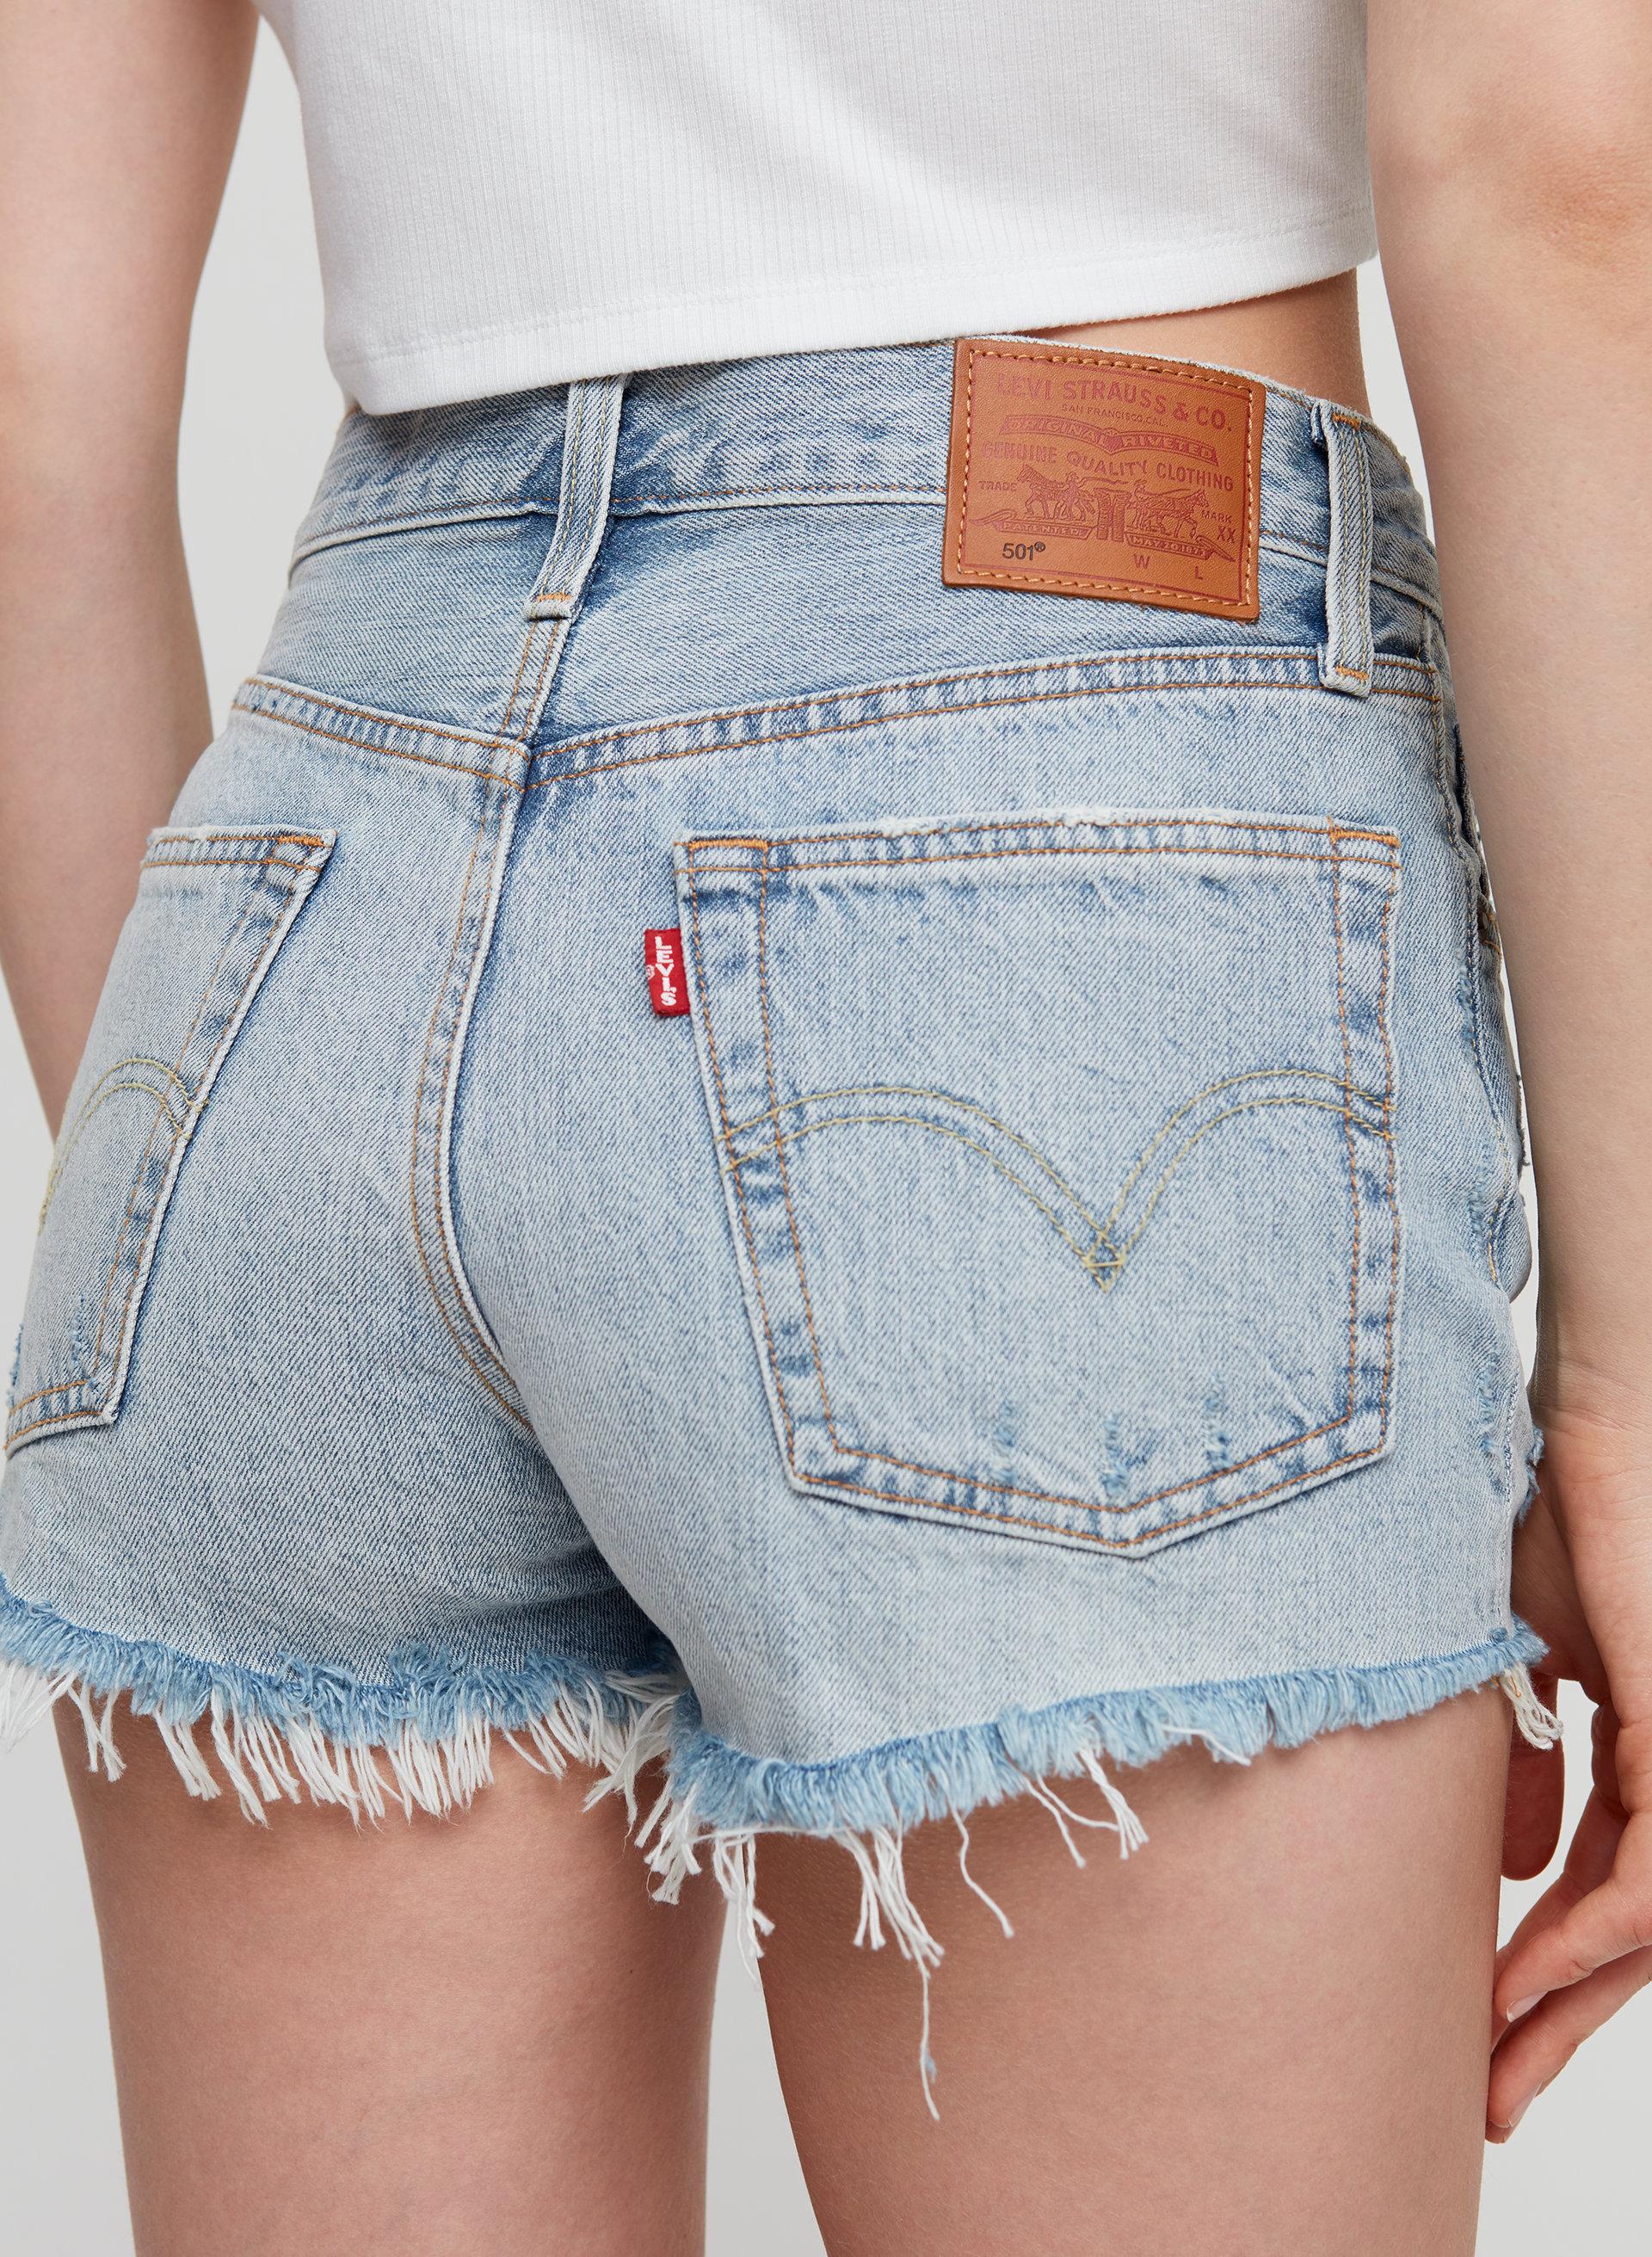 015fcac7 501 SHORT - Mid-rise denim shorts